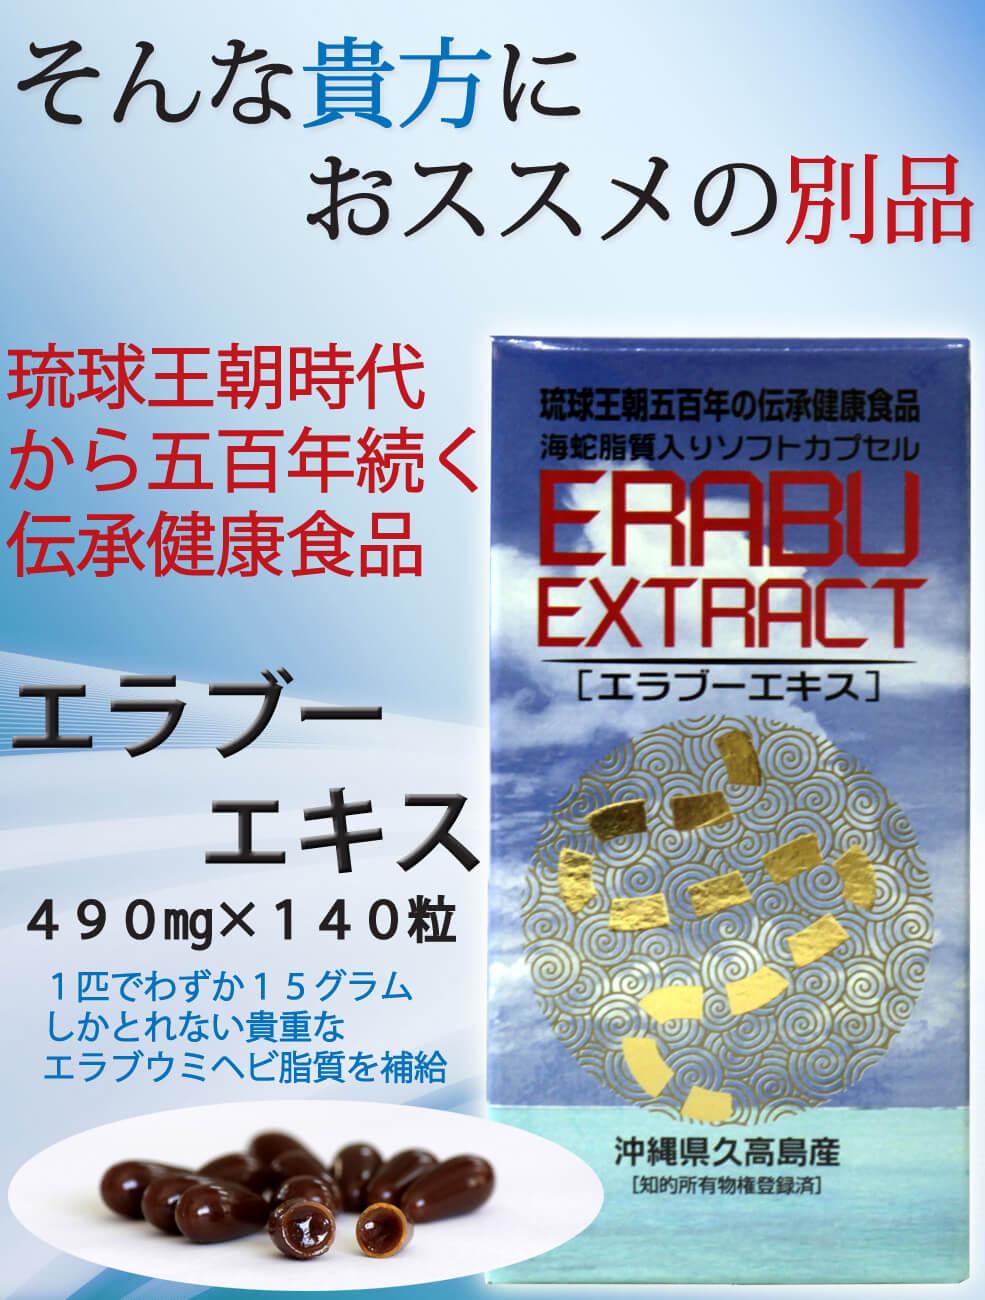 そんな貴方におススメの別品!琉球王朝時代から五百年続く伝承健康食品「エラブーエキス」。1匹でわずか15グラムしかとれない貴重なエラブウミヘビ脂質を補給できます。